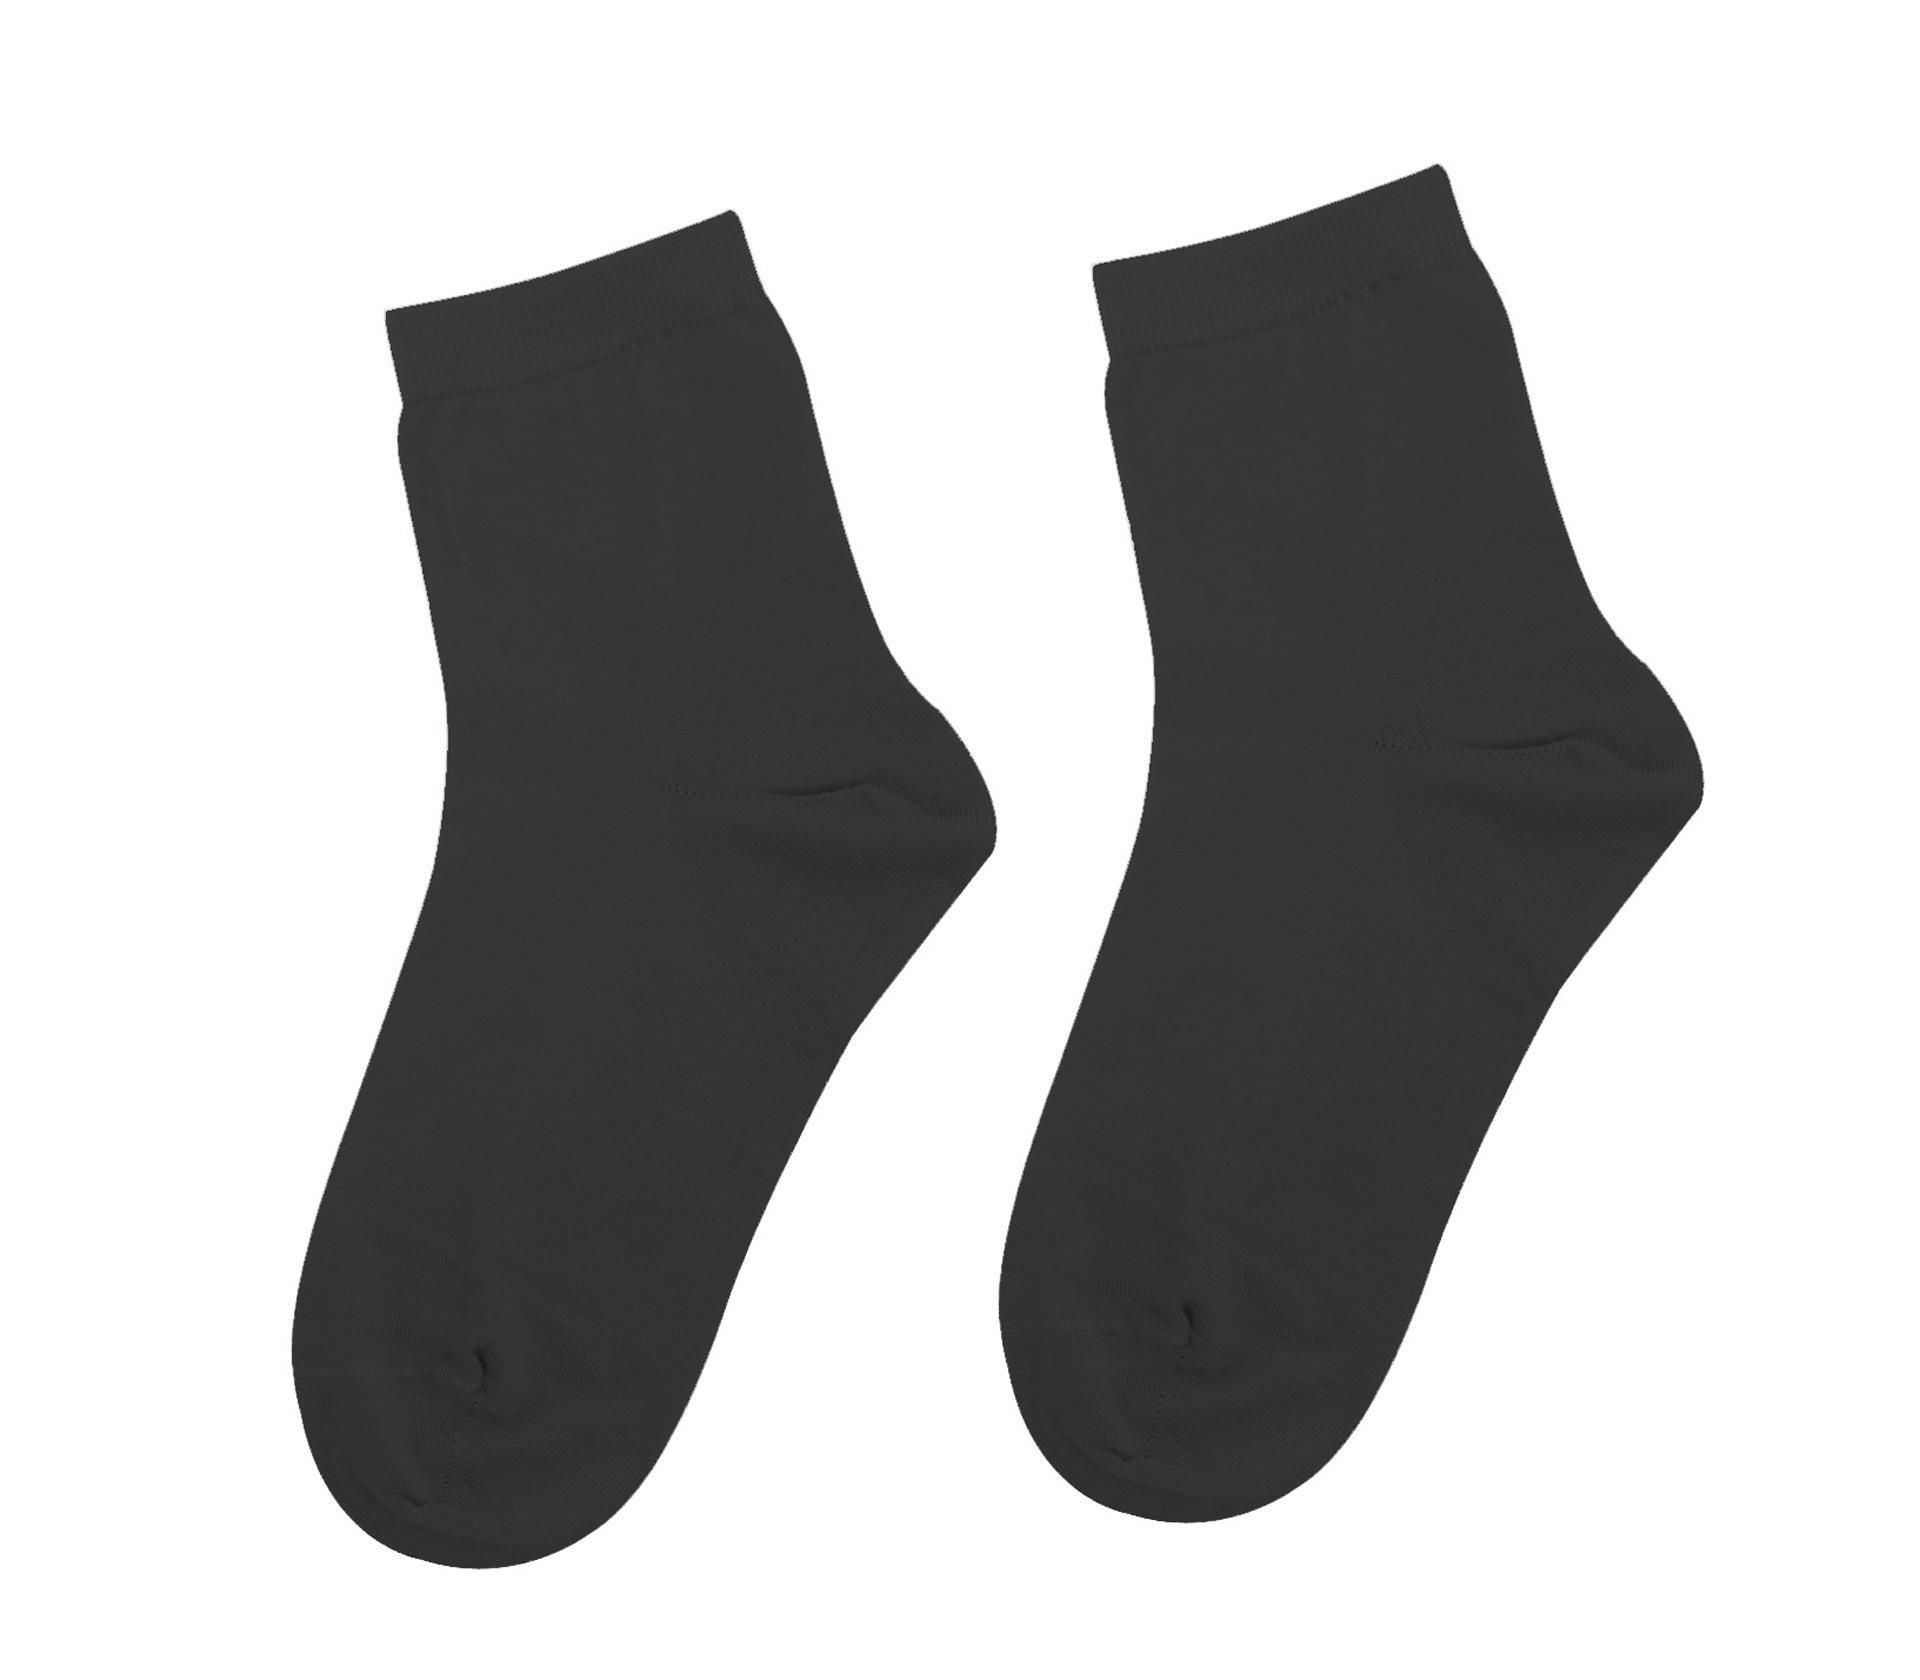 闕蘭絹舒適自在彈性蠶絲襪(黑)(22-24CM)